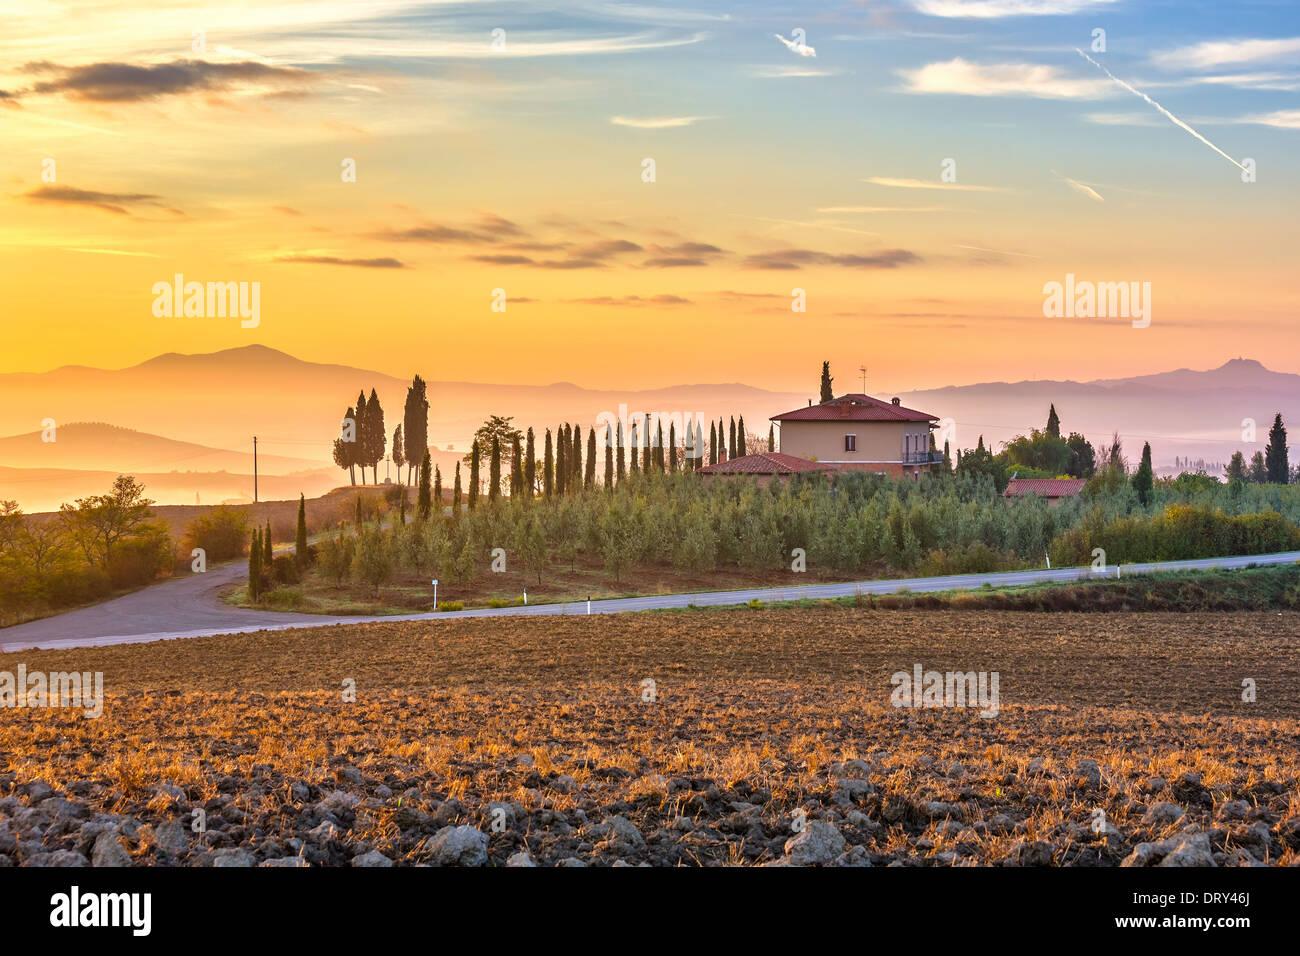 Tuscany landscape at sunrise - Stock Image